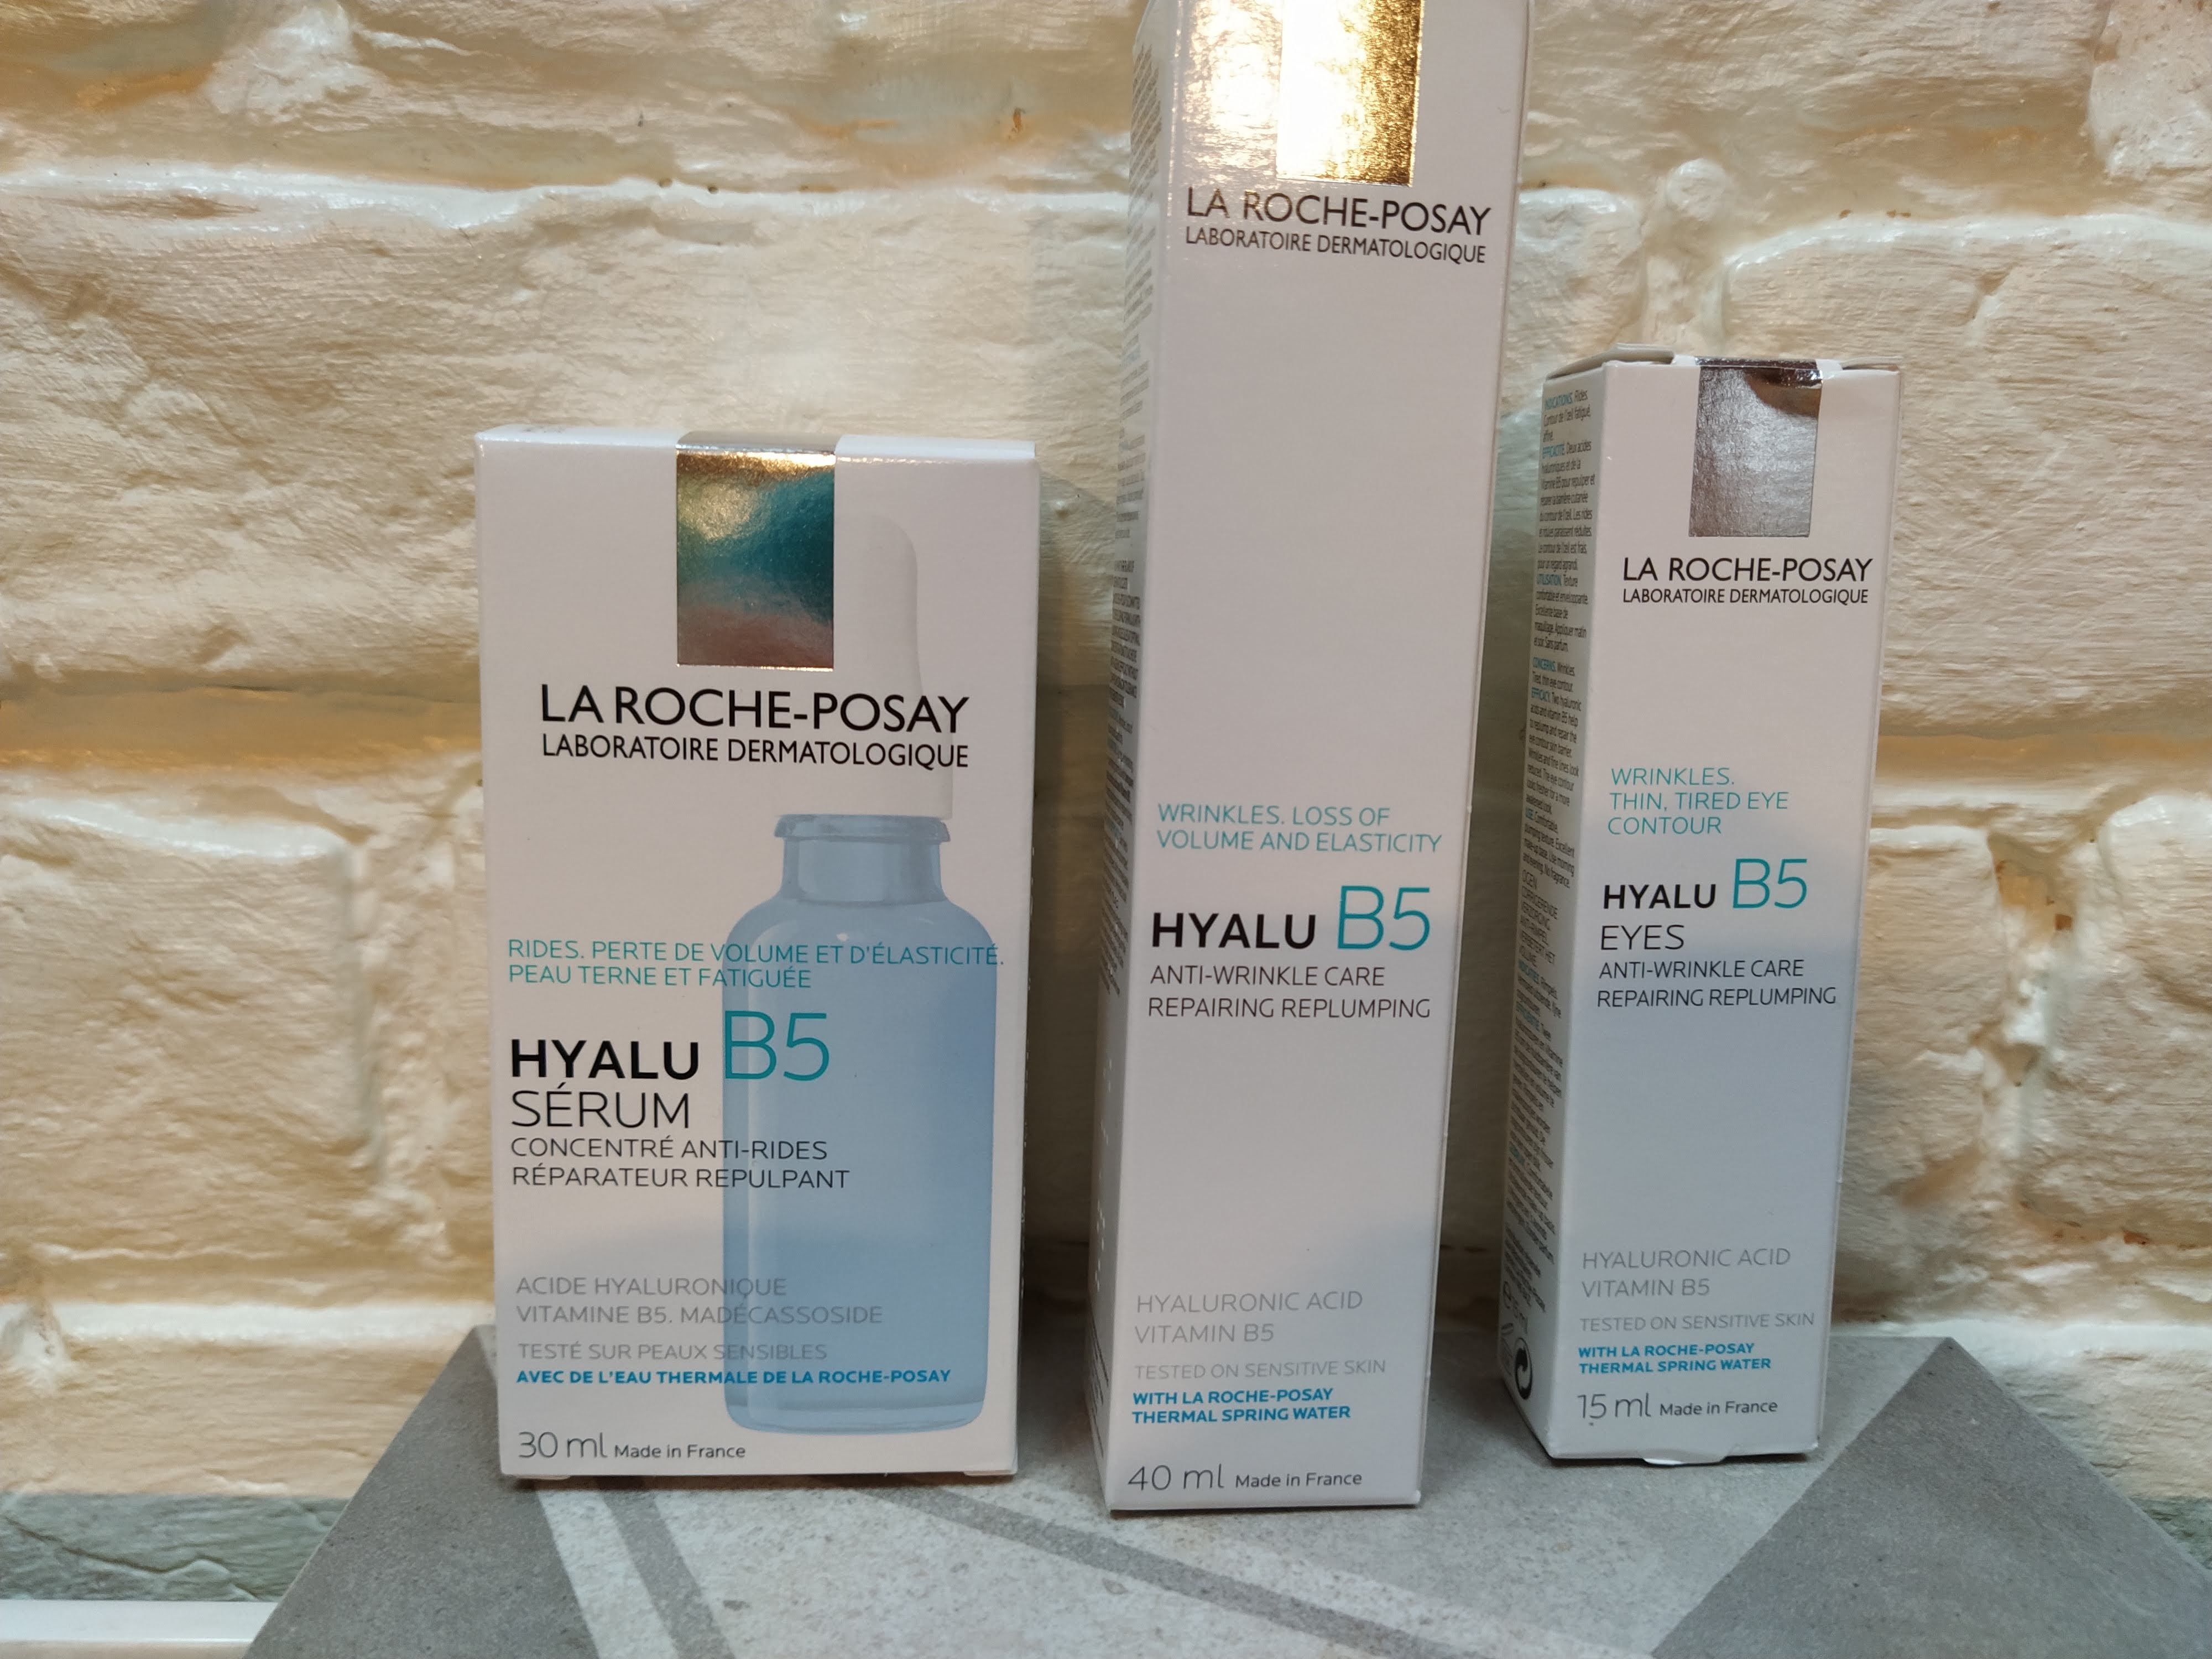 Hyalu B5 Laroche posay